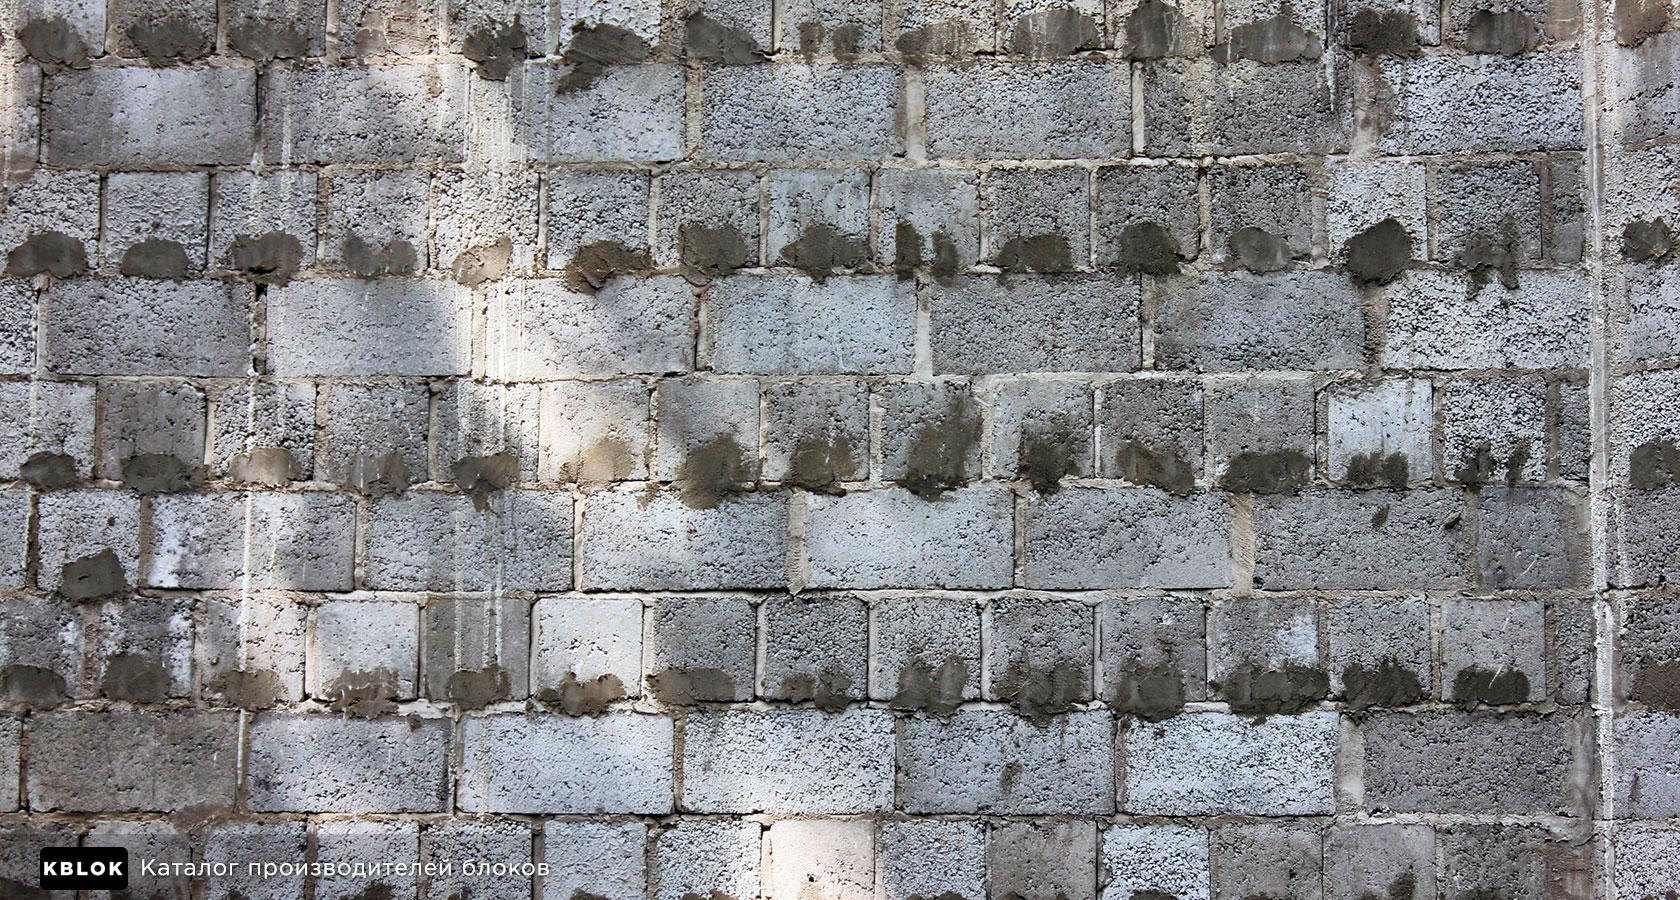 кладка керамзитобетонной стены в один блок